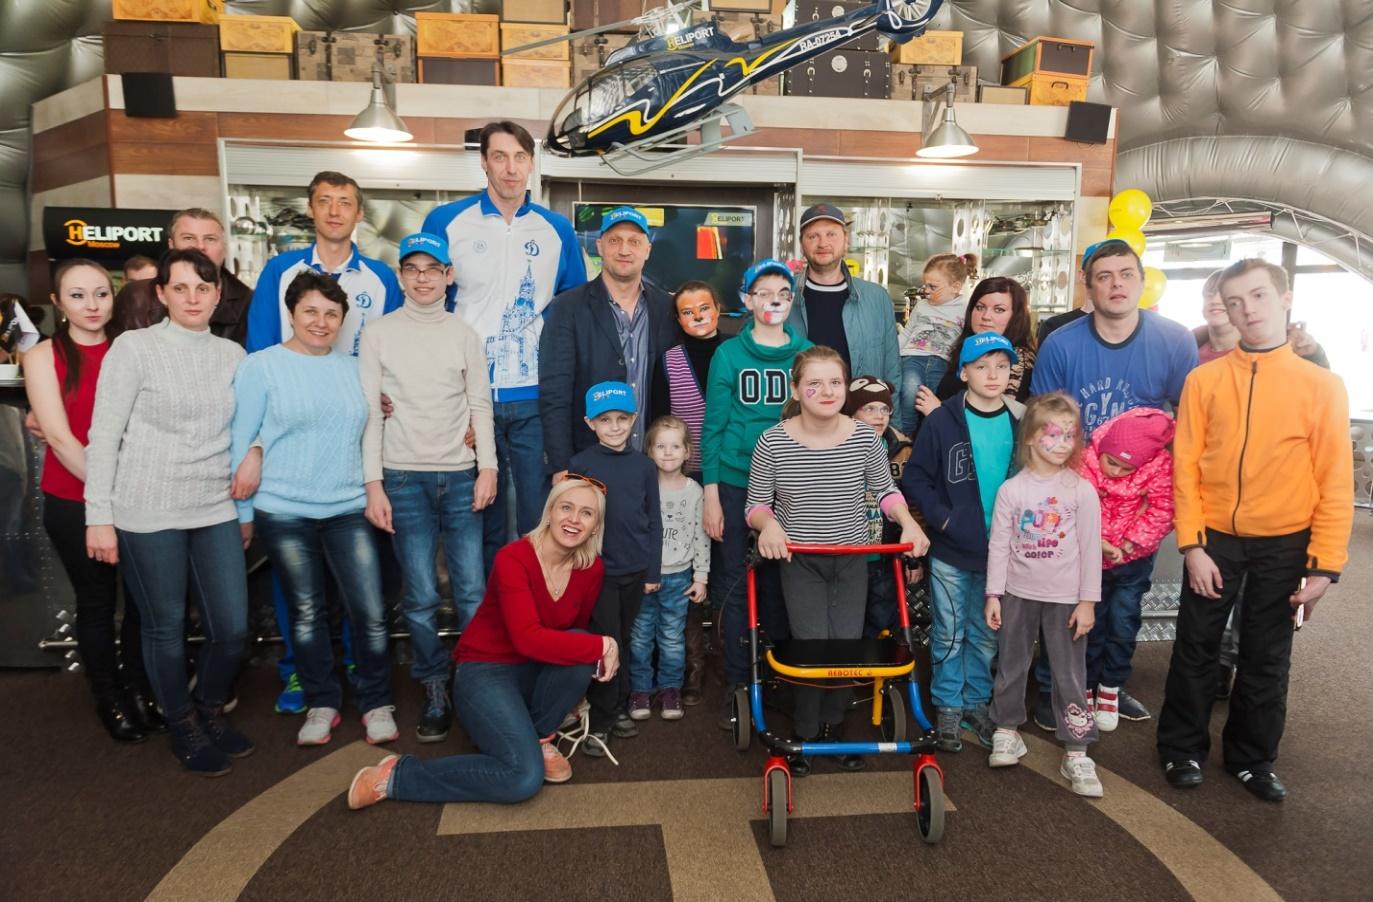 благотворительный проект «Хелипорт Москва» и фонда «Шаг Вместе»